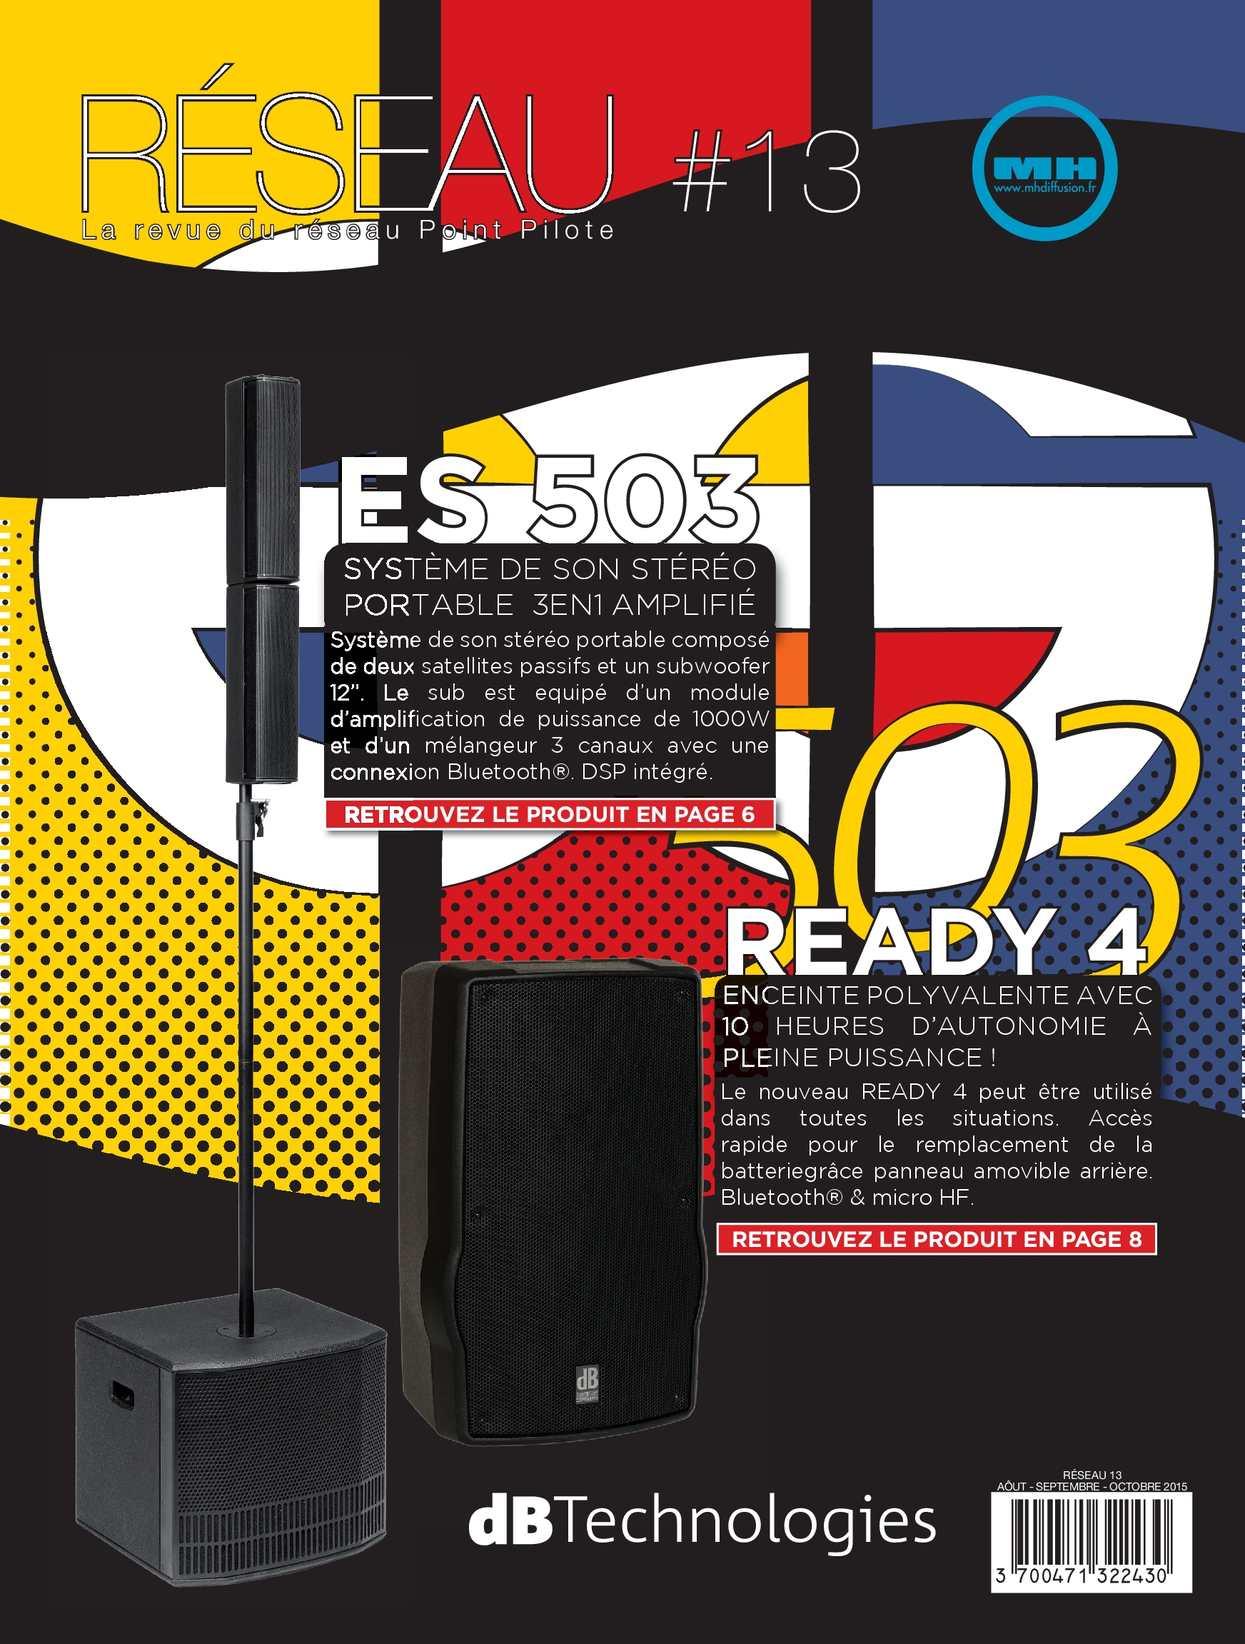 Color:Black Portable Externe 3.5mm Mains Libres Mini Filaire Collier Clip Revers Lavalier Microphone pour PC Ordinateur Portable Lound Haut-Parleur